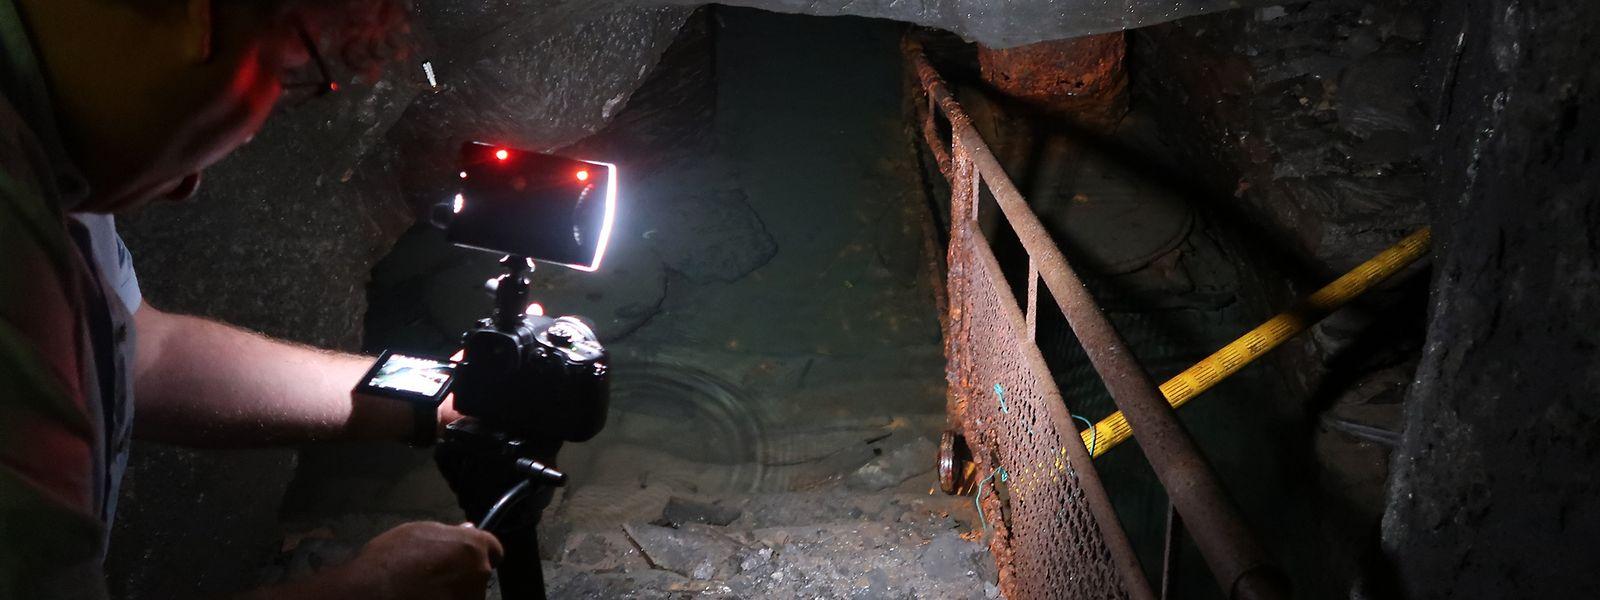 Pour l'heure le visiteur peut descendre jusqu'à 12 mètres sous terre seulement. L'eau de la nappe phréatique l'empêche d'aller plus loin.